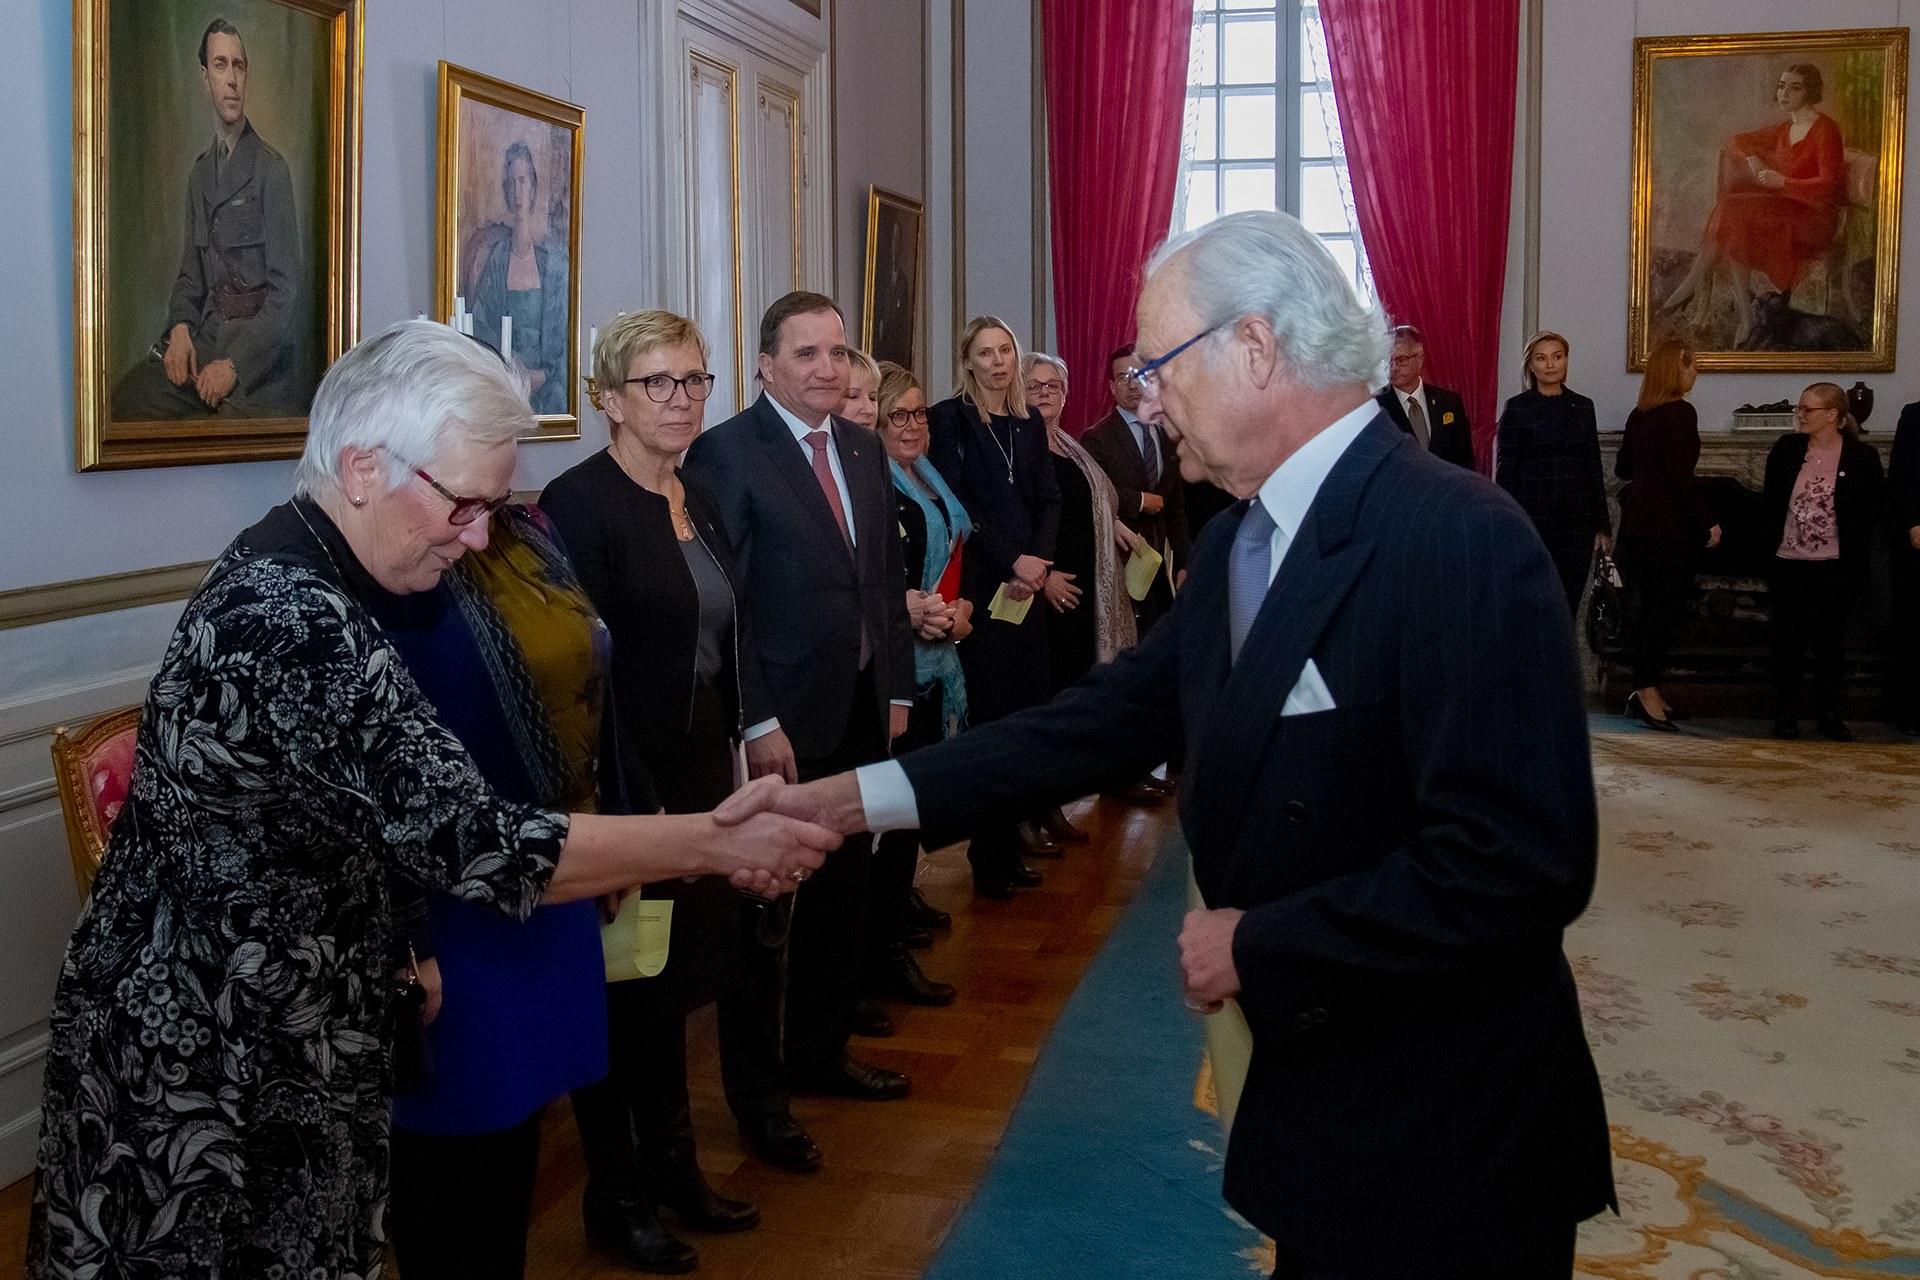 Foto: Henrik Garlöv/Kungl. Hovstaterna